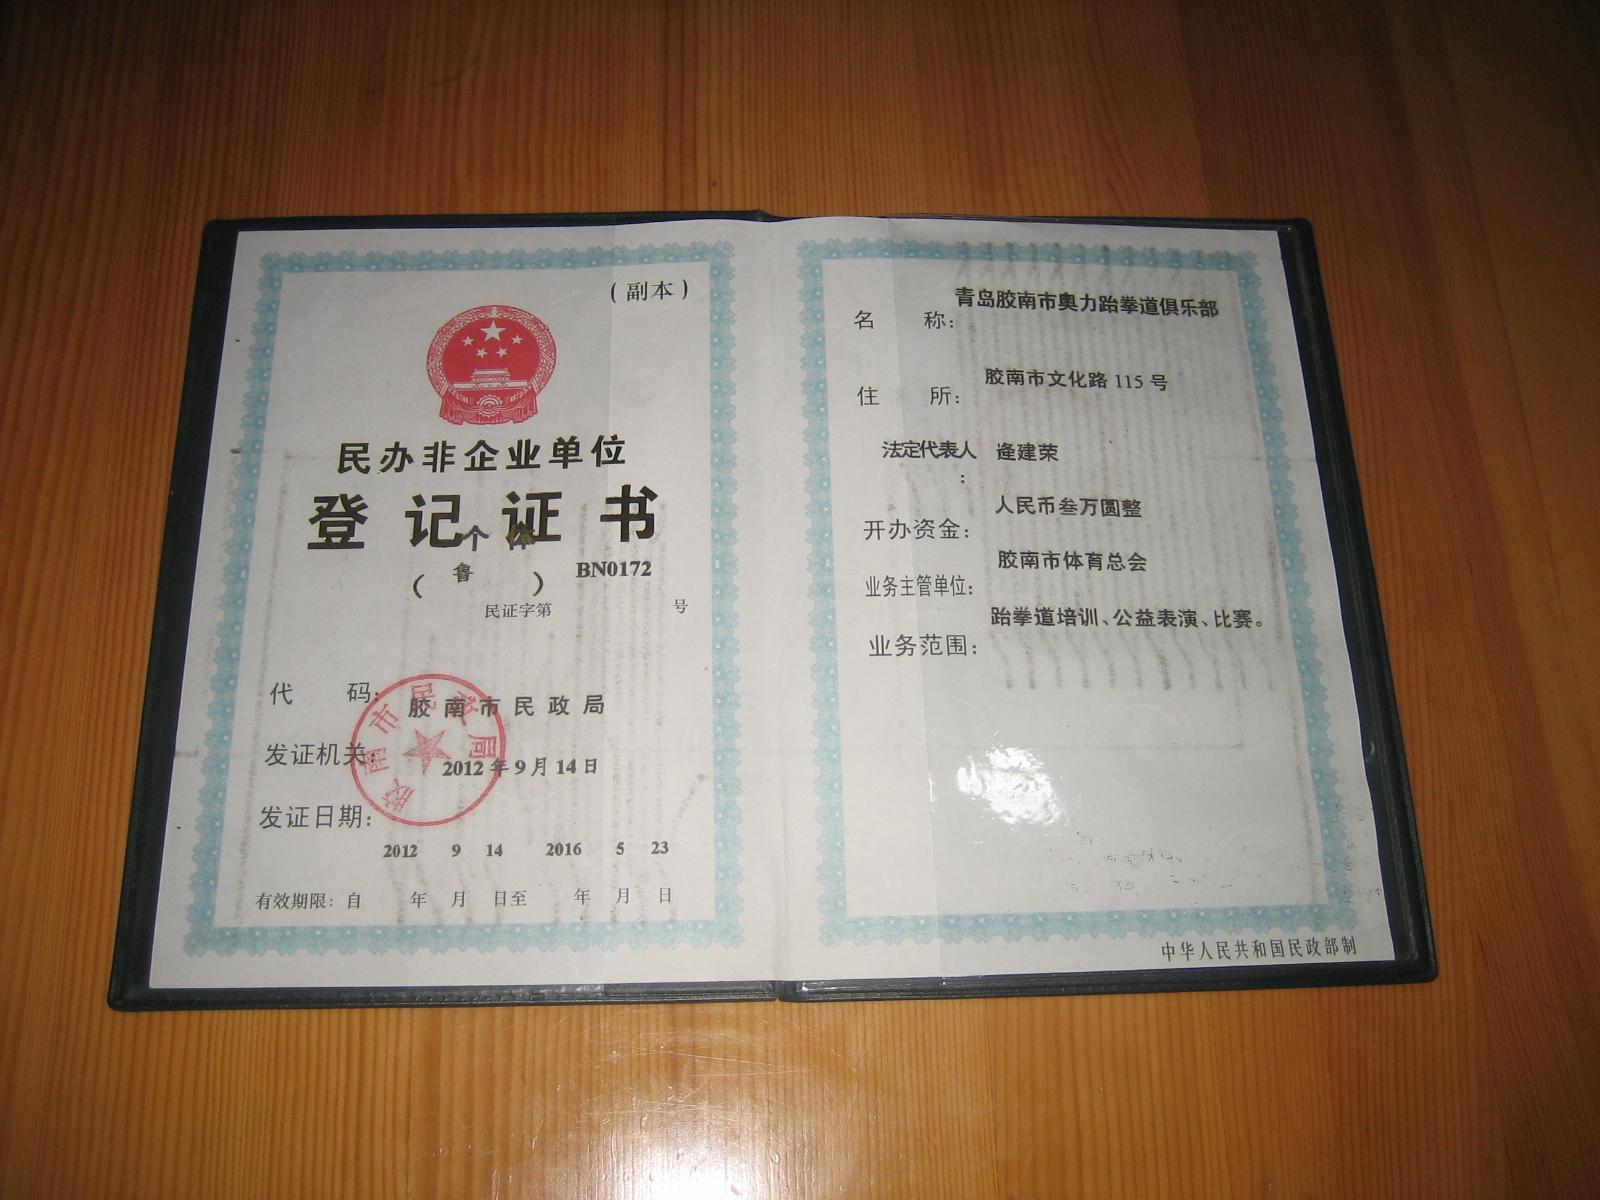 青岛奥力跆拳道俱乐部2016最新招聘信息_电话_地址